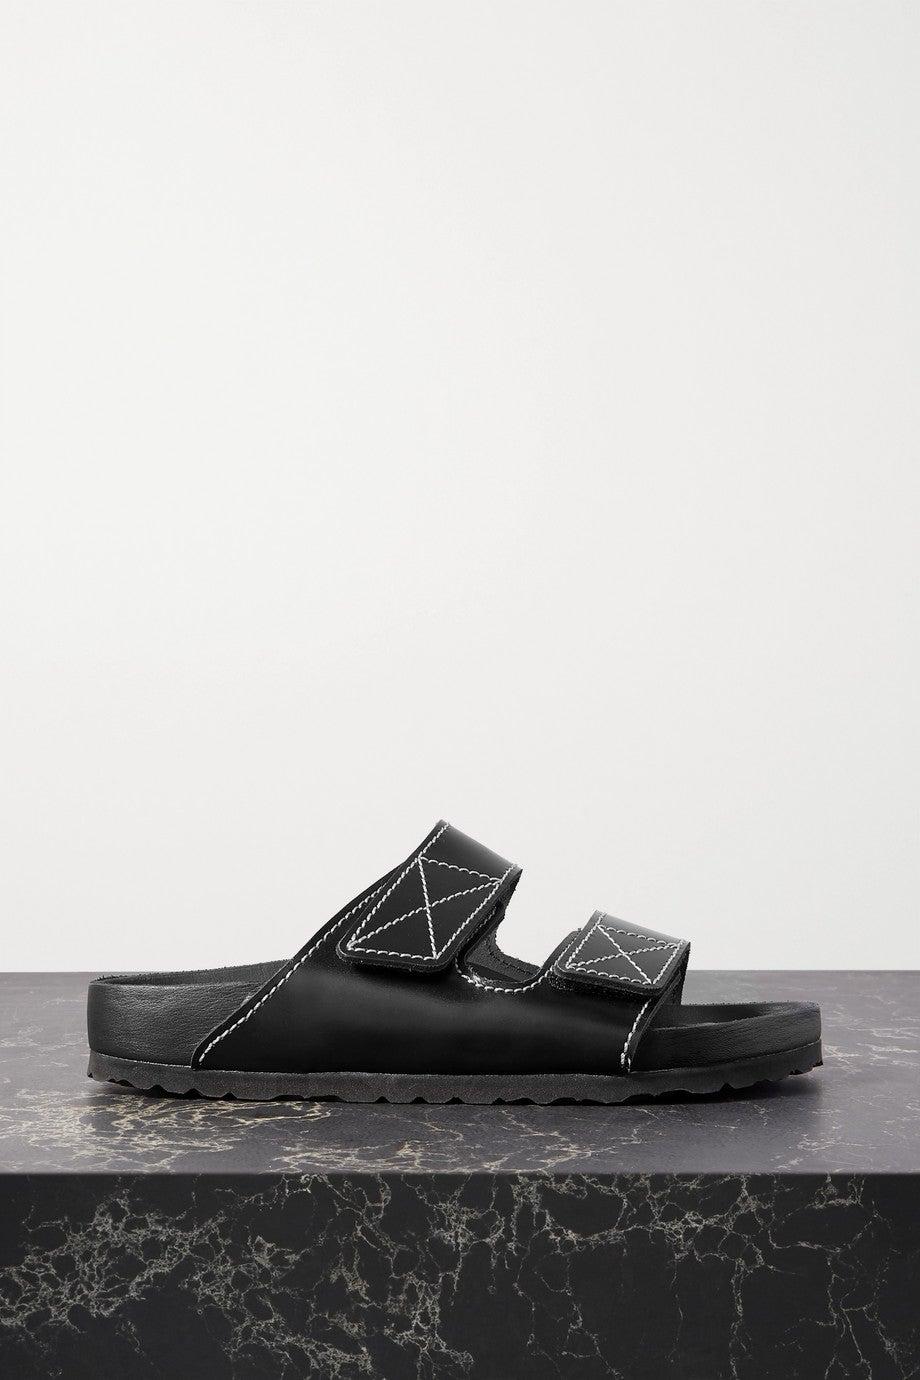 Birkenstock & Proenza Schouler Shoe Collection 2020